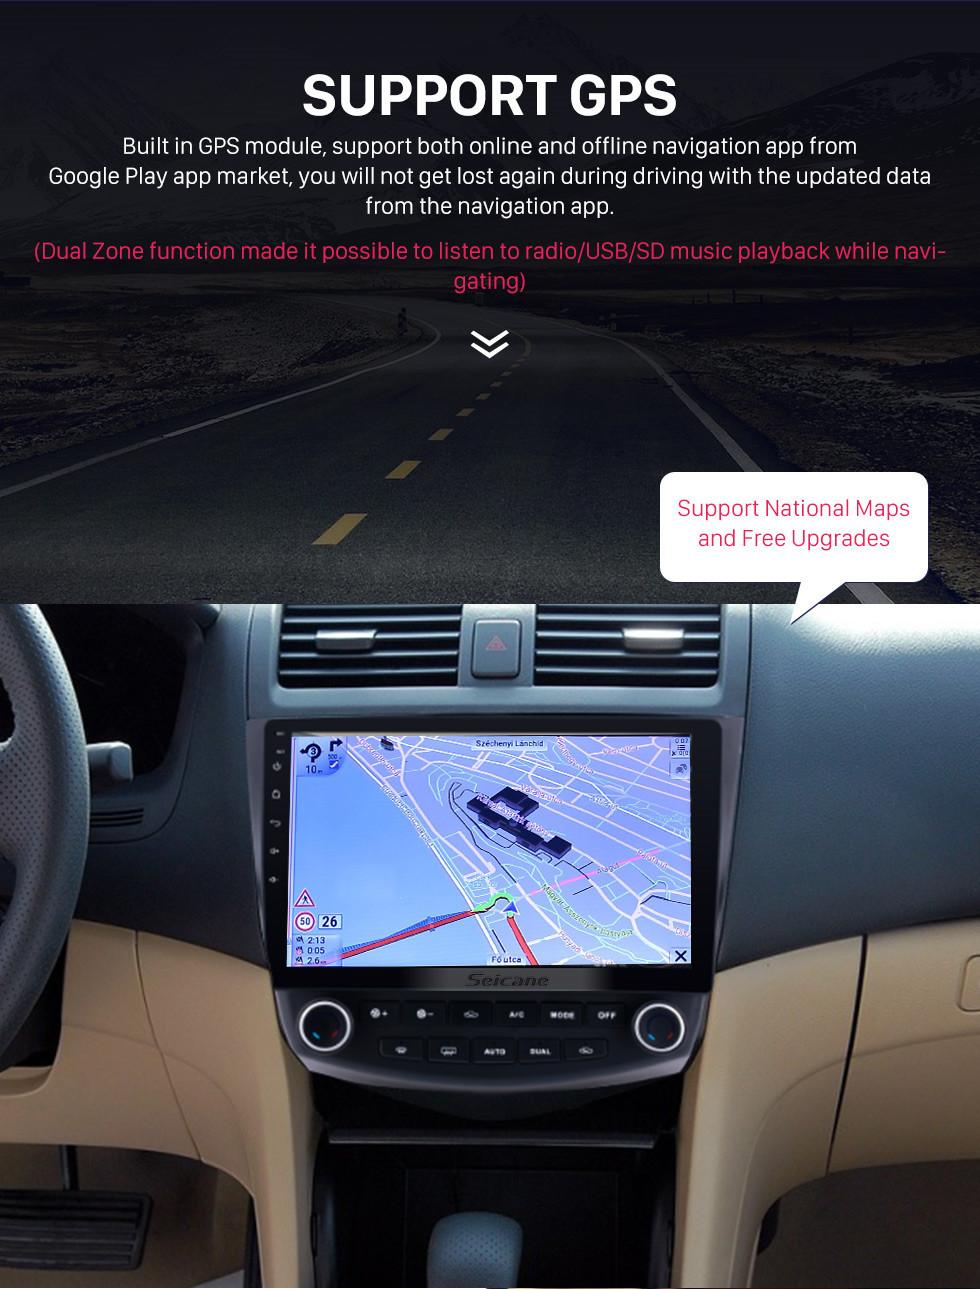 Seicane 10.1 pulgadas Android 9.0 HD 1024 * 600 Pantalla táctil Radio de coche para 2003 2004 2005 2006 2007 Honda Accord 7 Navegación GPS Bluetooth Música WIFI USB Mirror Link Unidad principal Soporte DVR OBD2 Control del volante Cámara de respaldo